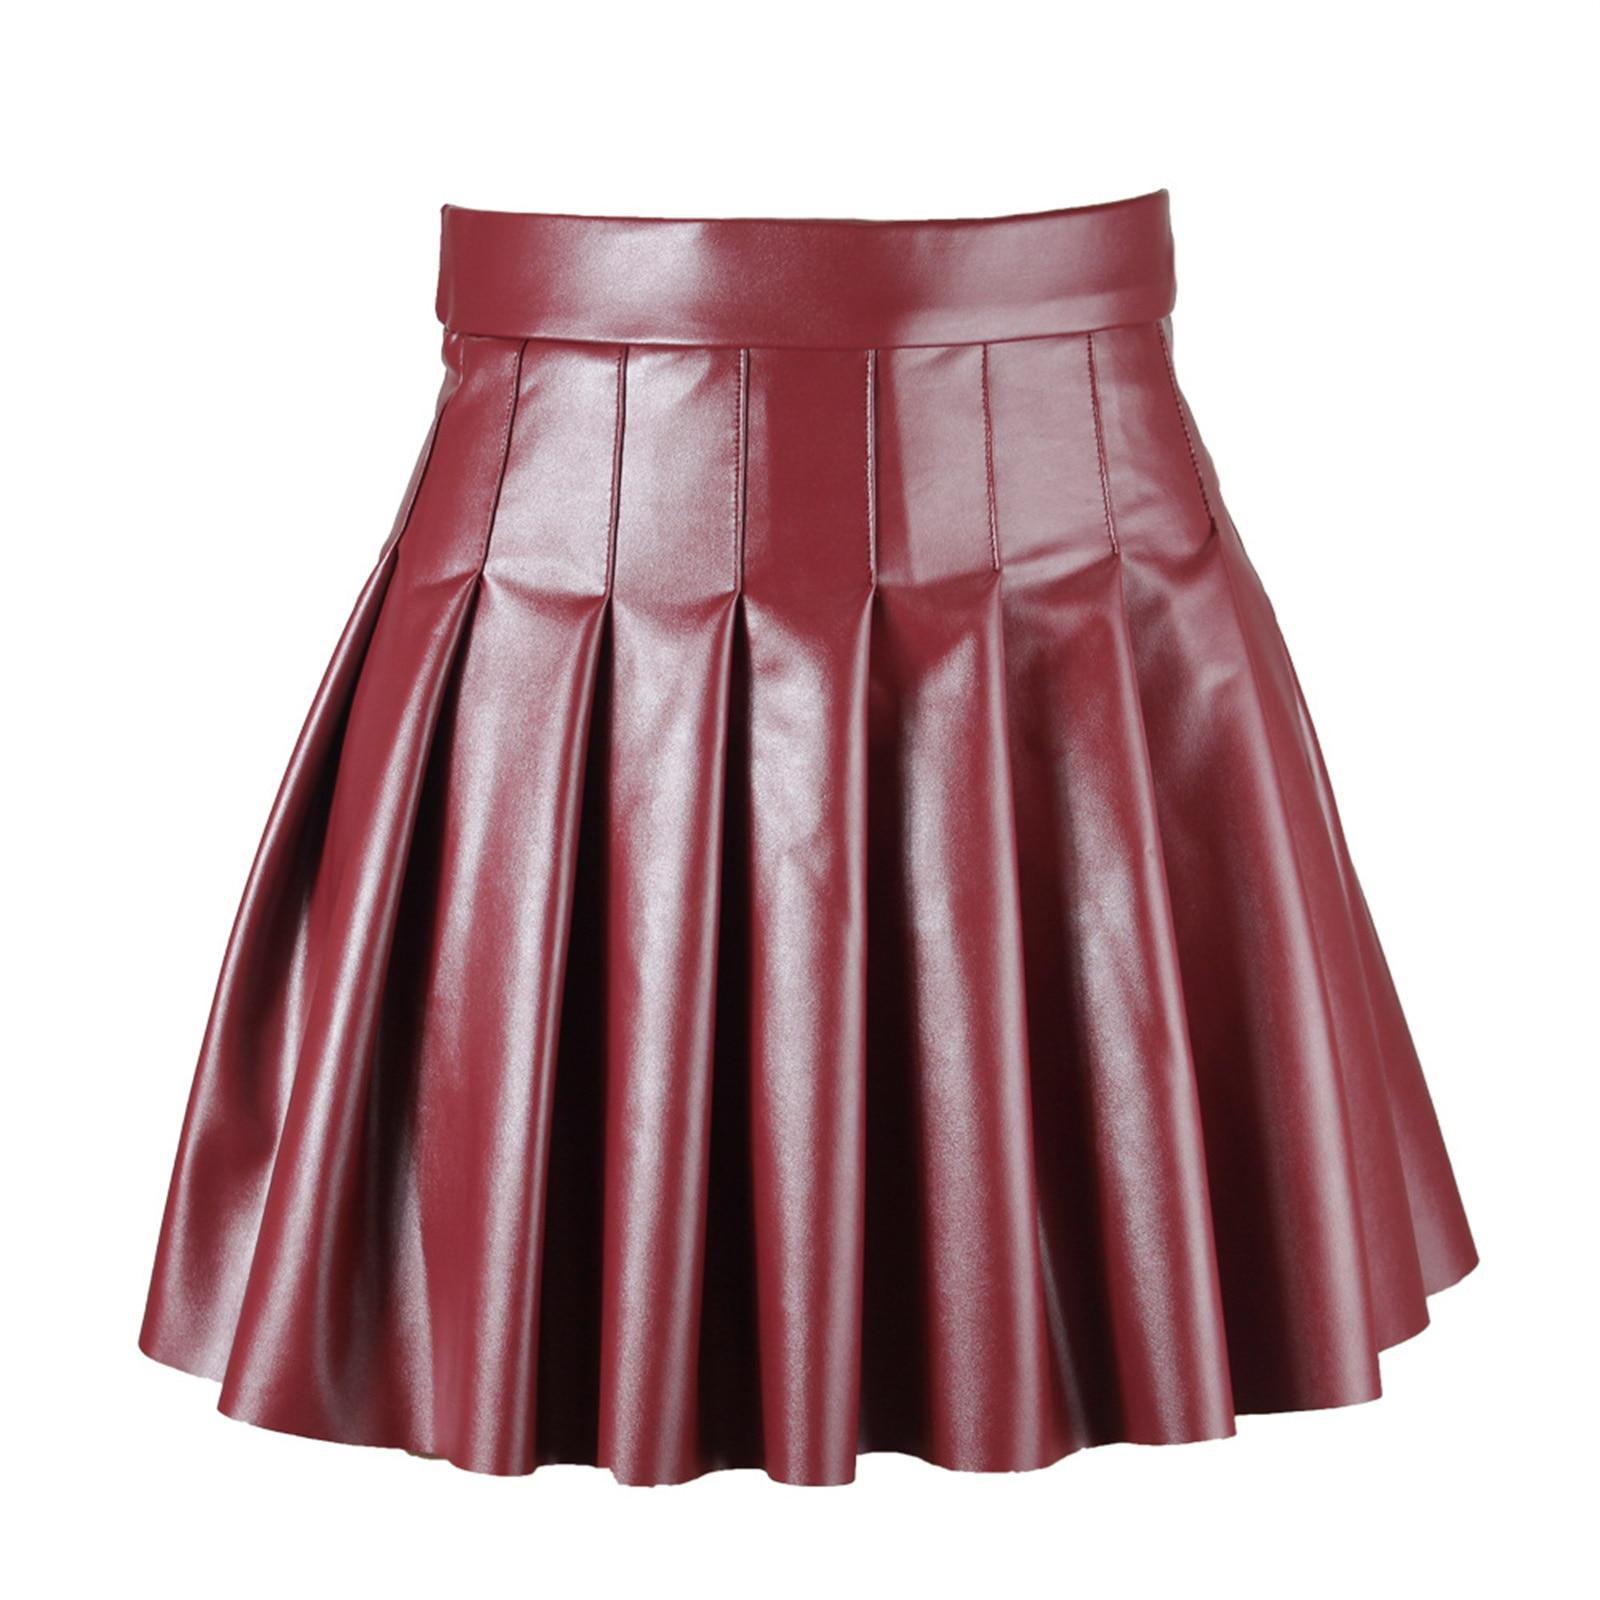 Женская плиссированная юбка из искусственной кожи с высокой талией, Женская однотонная расклешенная мини-юбка с боковой невидимой молнией,...